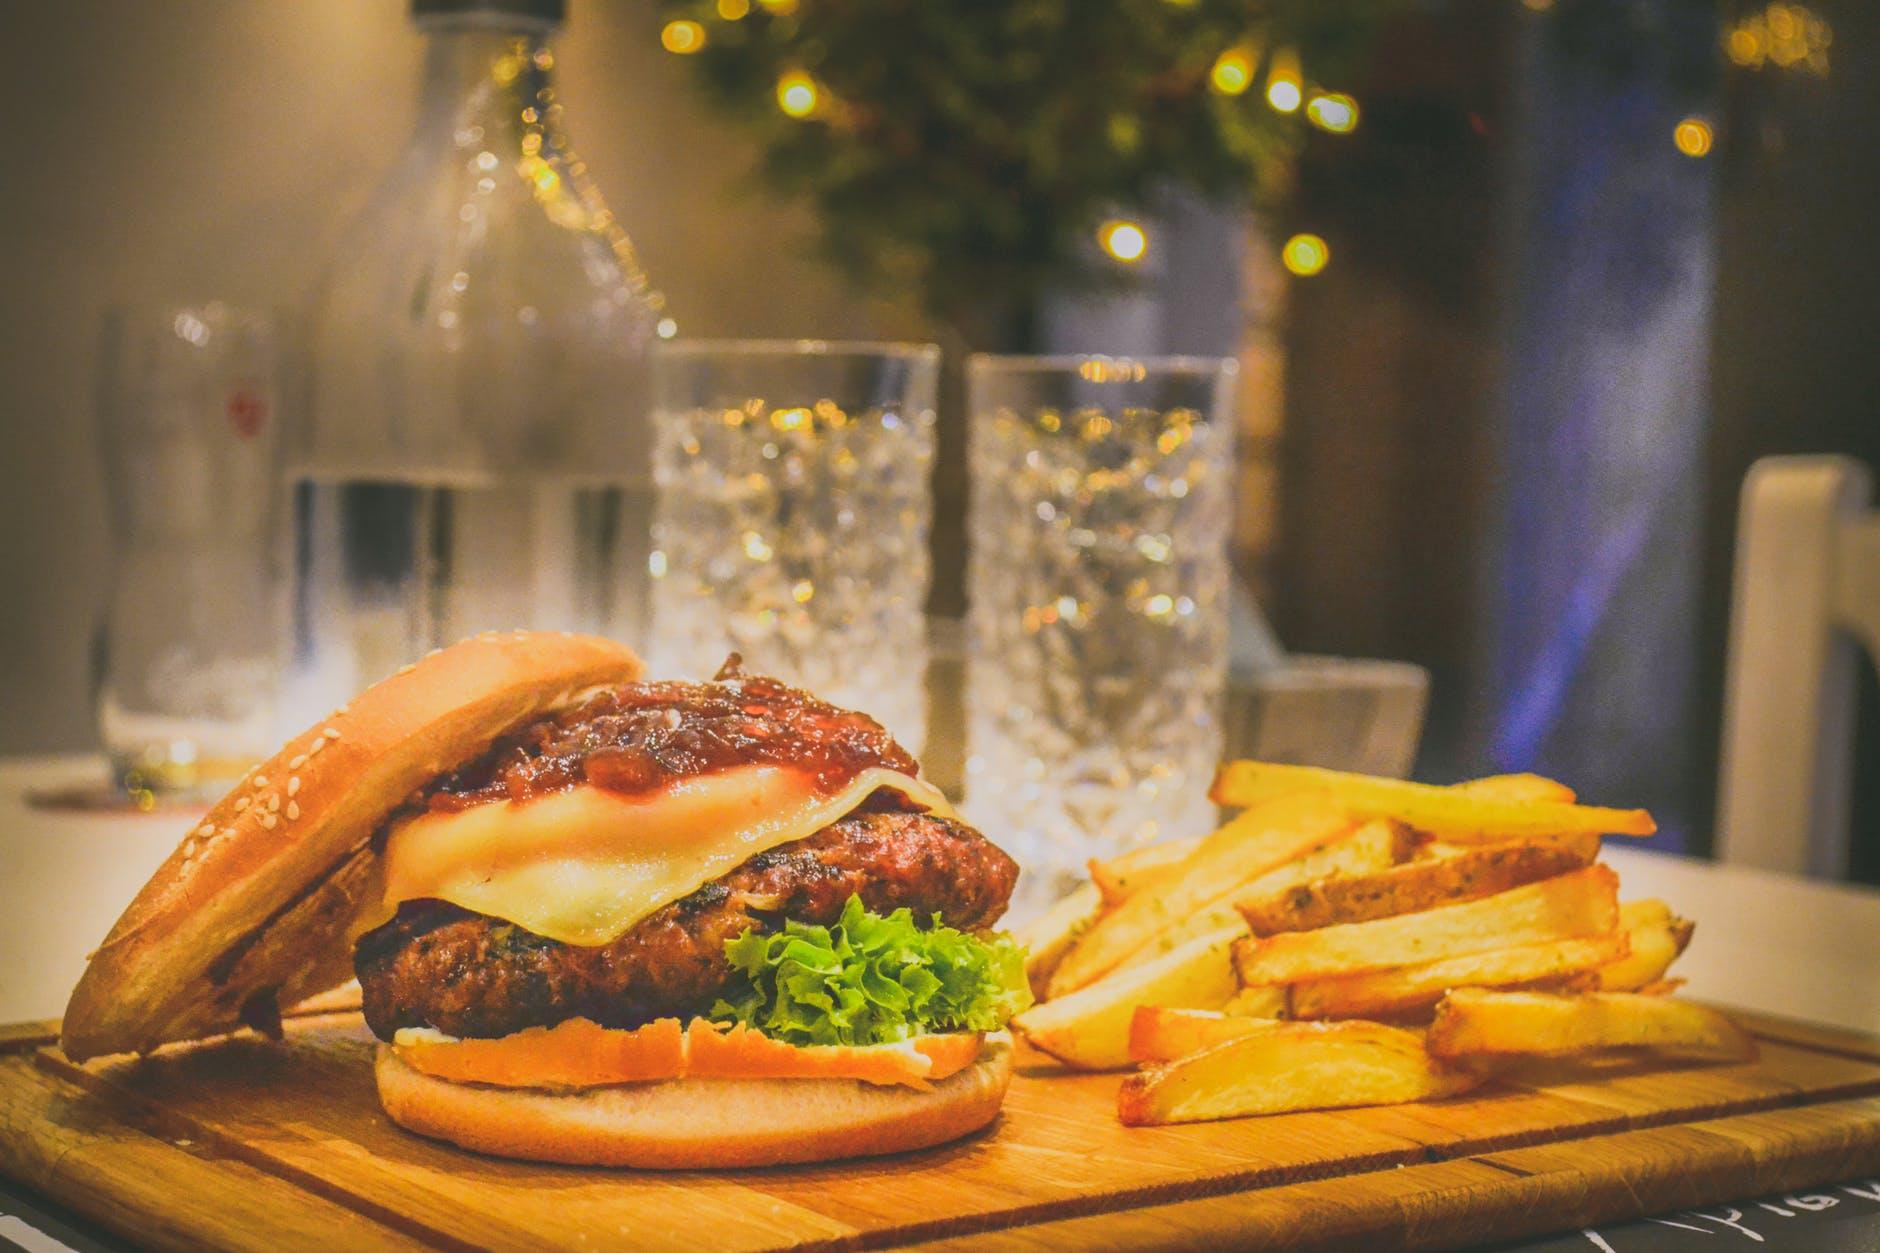 Cel mai delicios burger vegetarian! O alternativă bună pentru cei care nu mănâncă carne